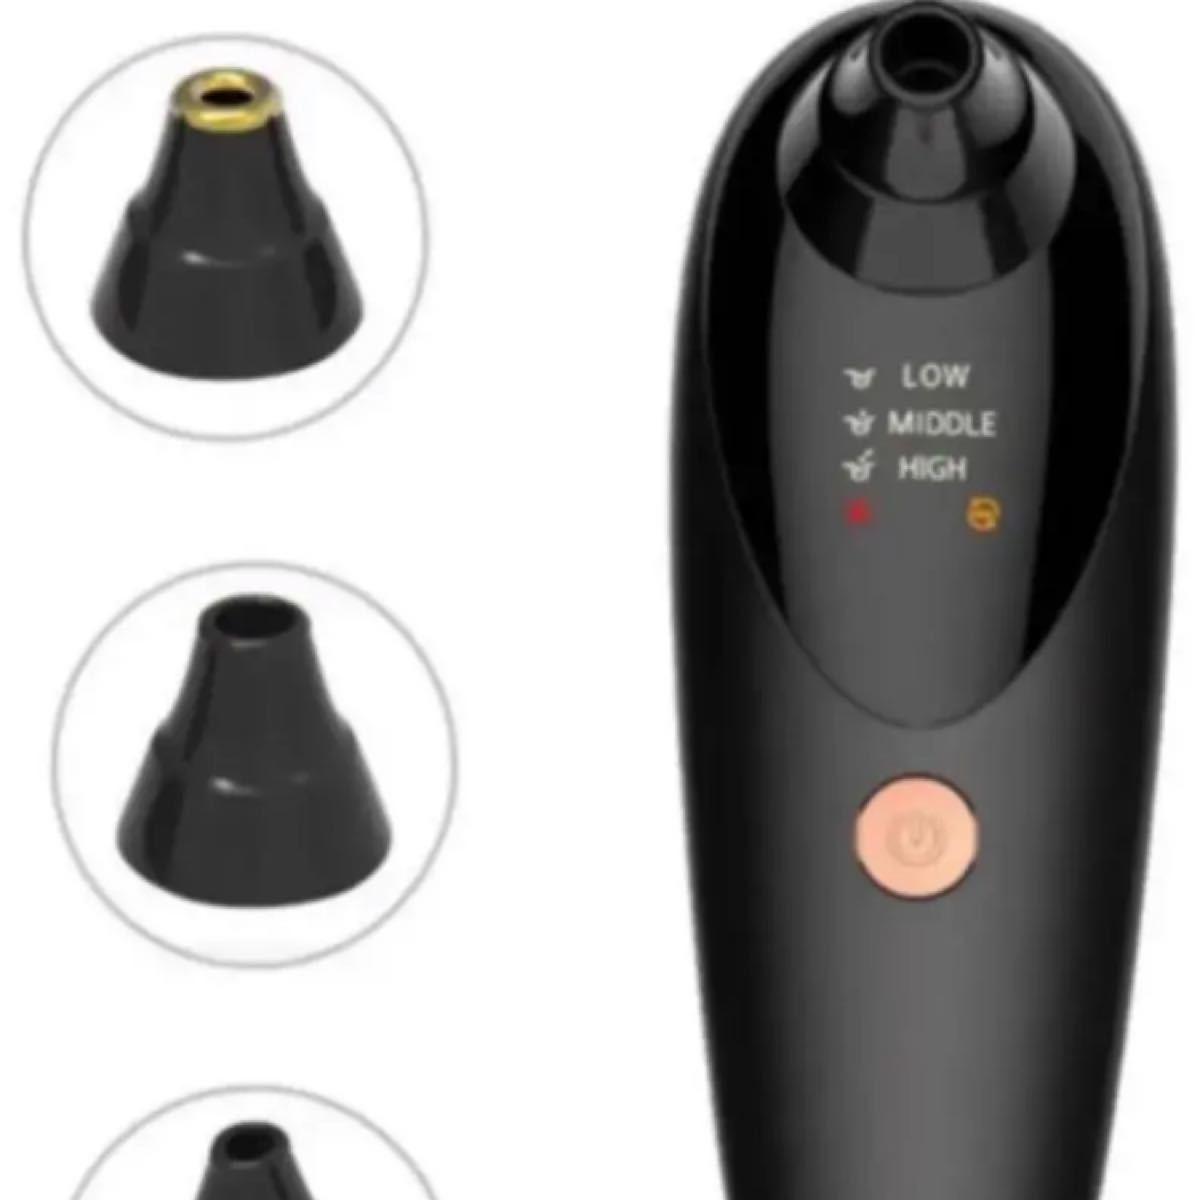 毛穴吸引器 毛穴クリーン スポットクリア 黒ずみ吸出し 角栓除去 ニキビ予防 温熱マッサージ USB充電式